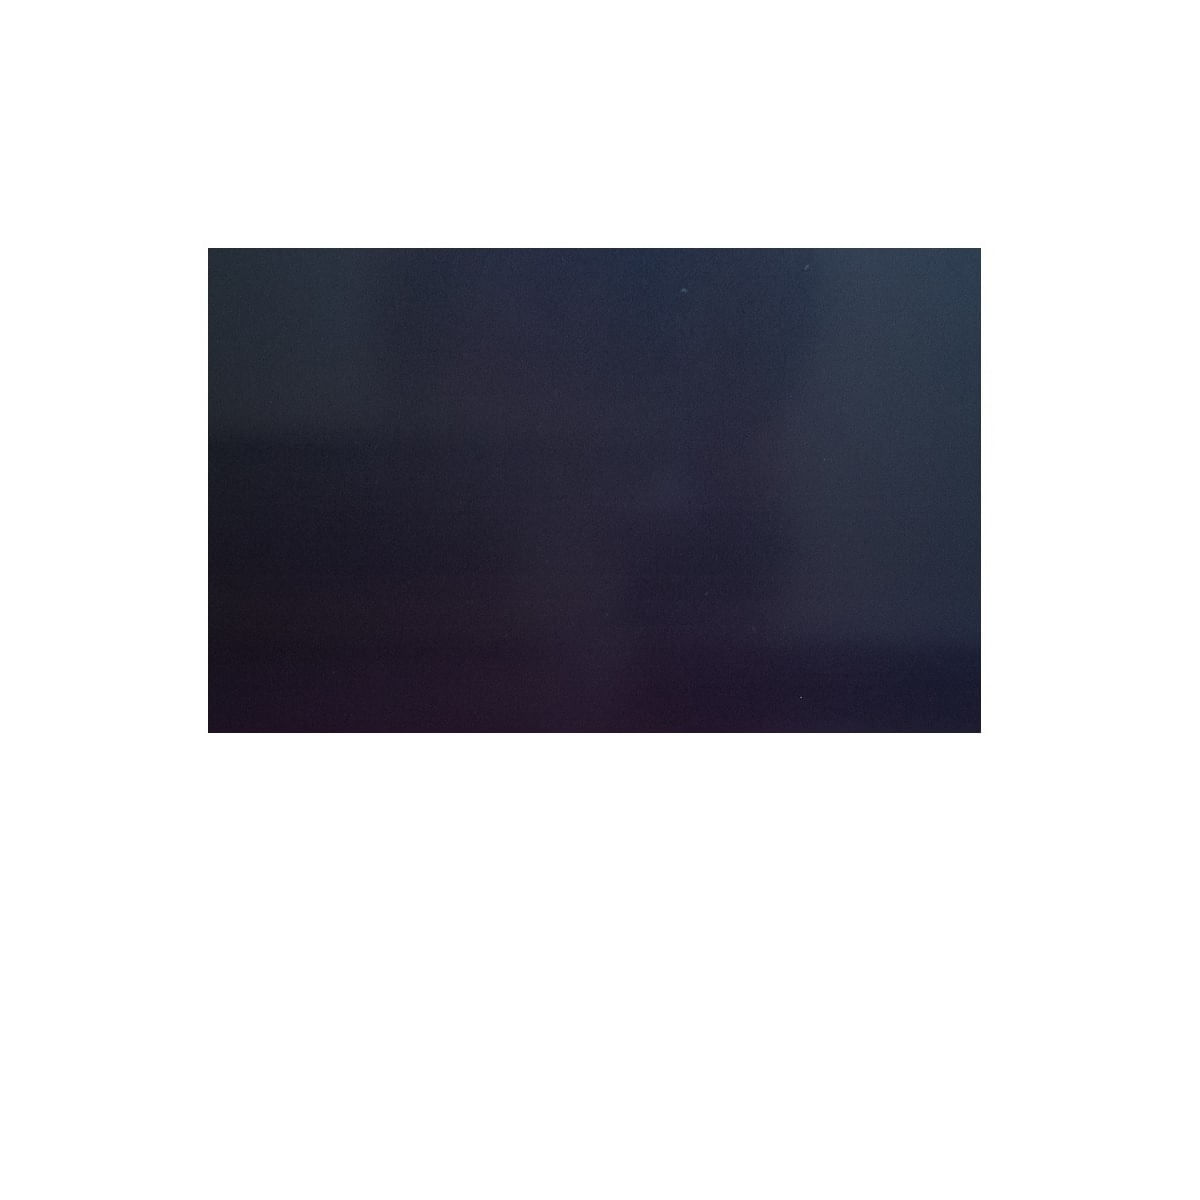 Tabua Corte LISA polietileno - Preta - 60 x 40 - Churrasco